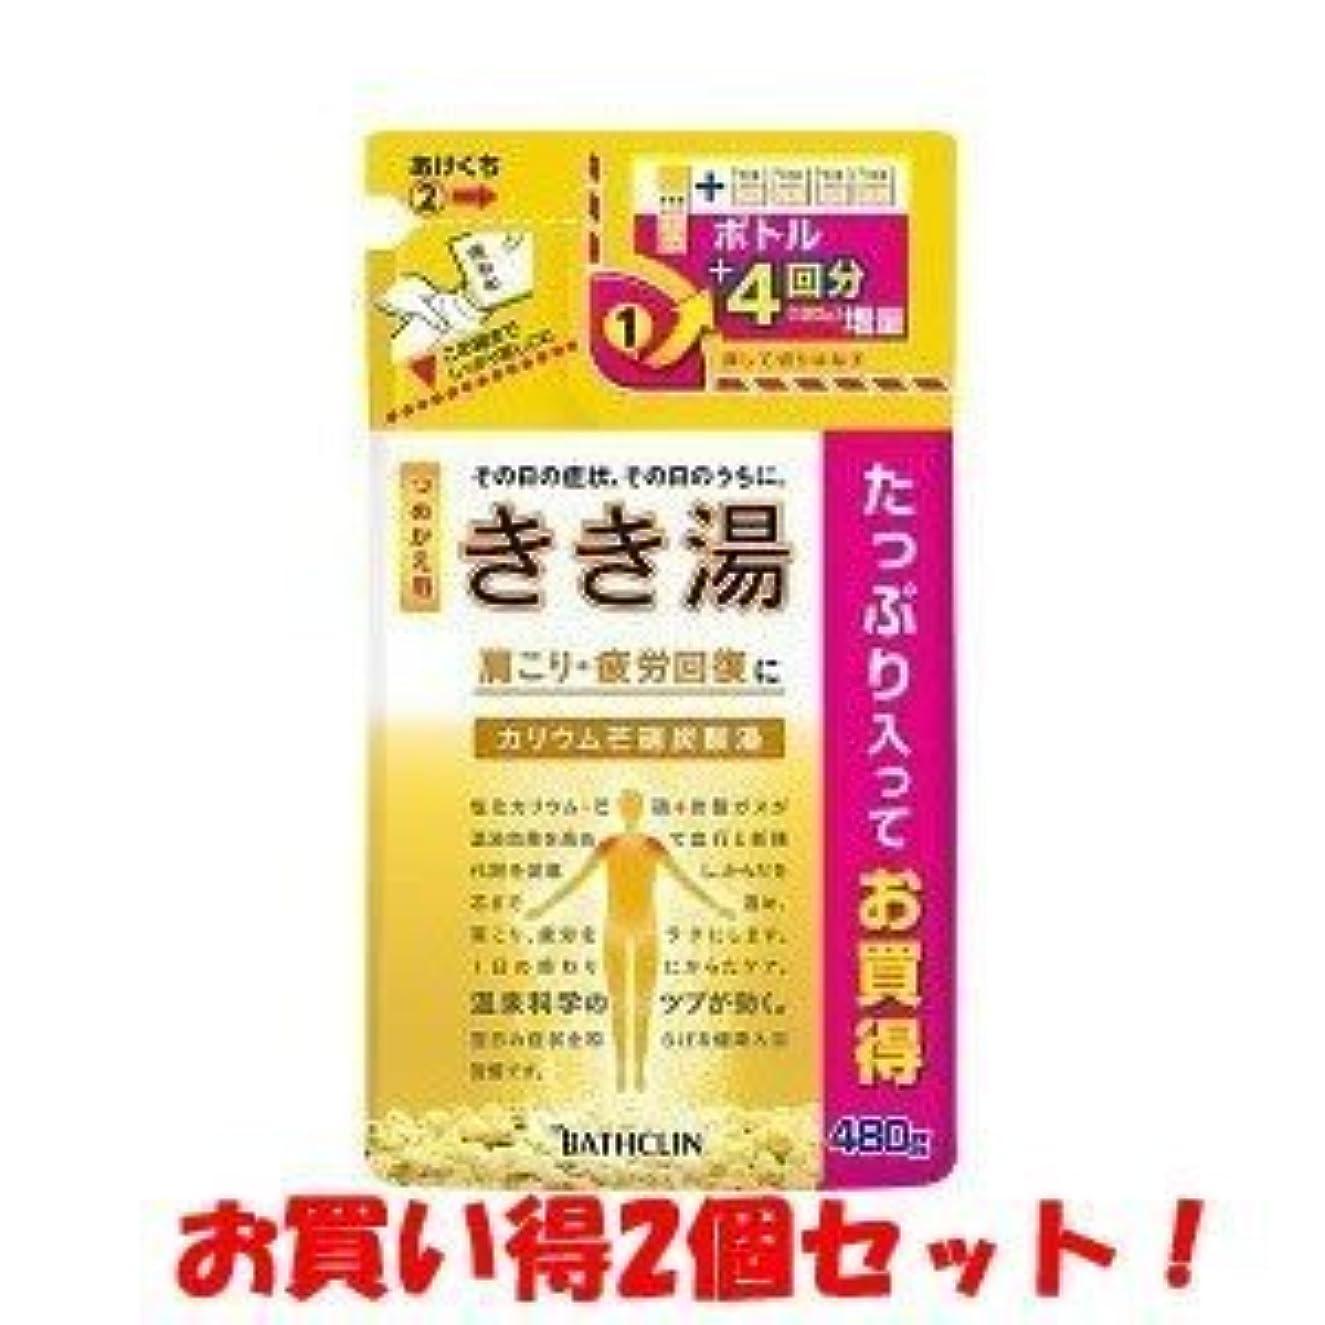 歴史フライカイト子猫(バスクリン)きき湯 カリウム芒硝炭酸湯 つめかえ用 480g(医薬部外品)(お買い得2個セット)